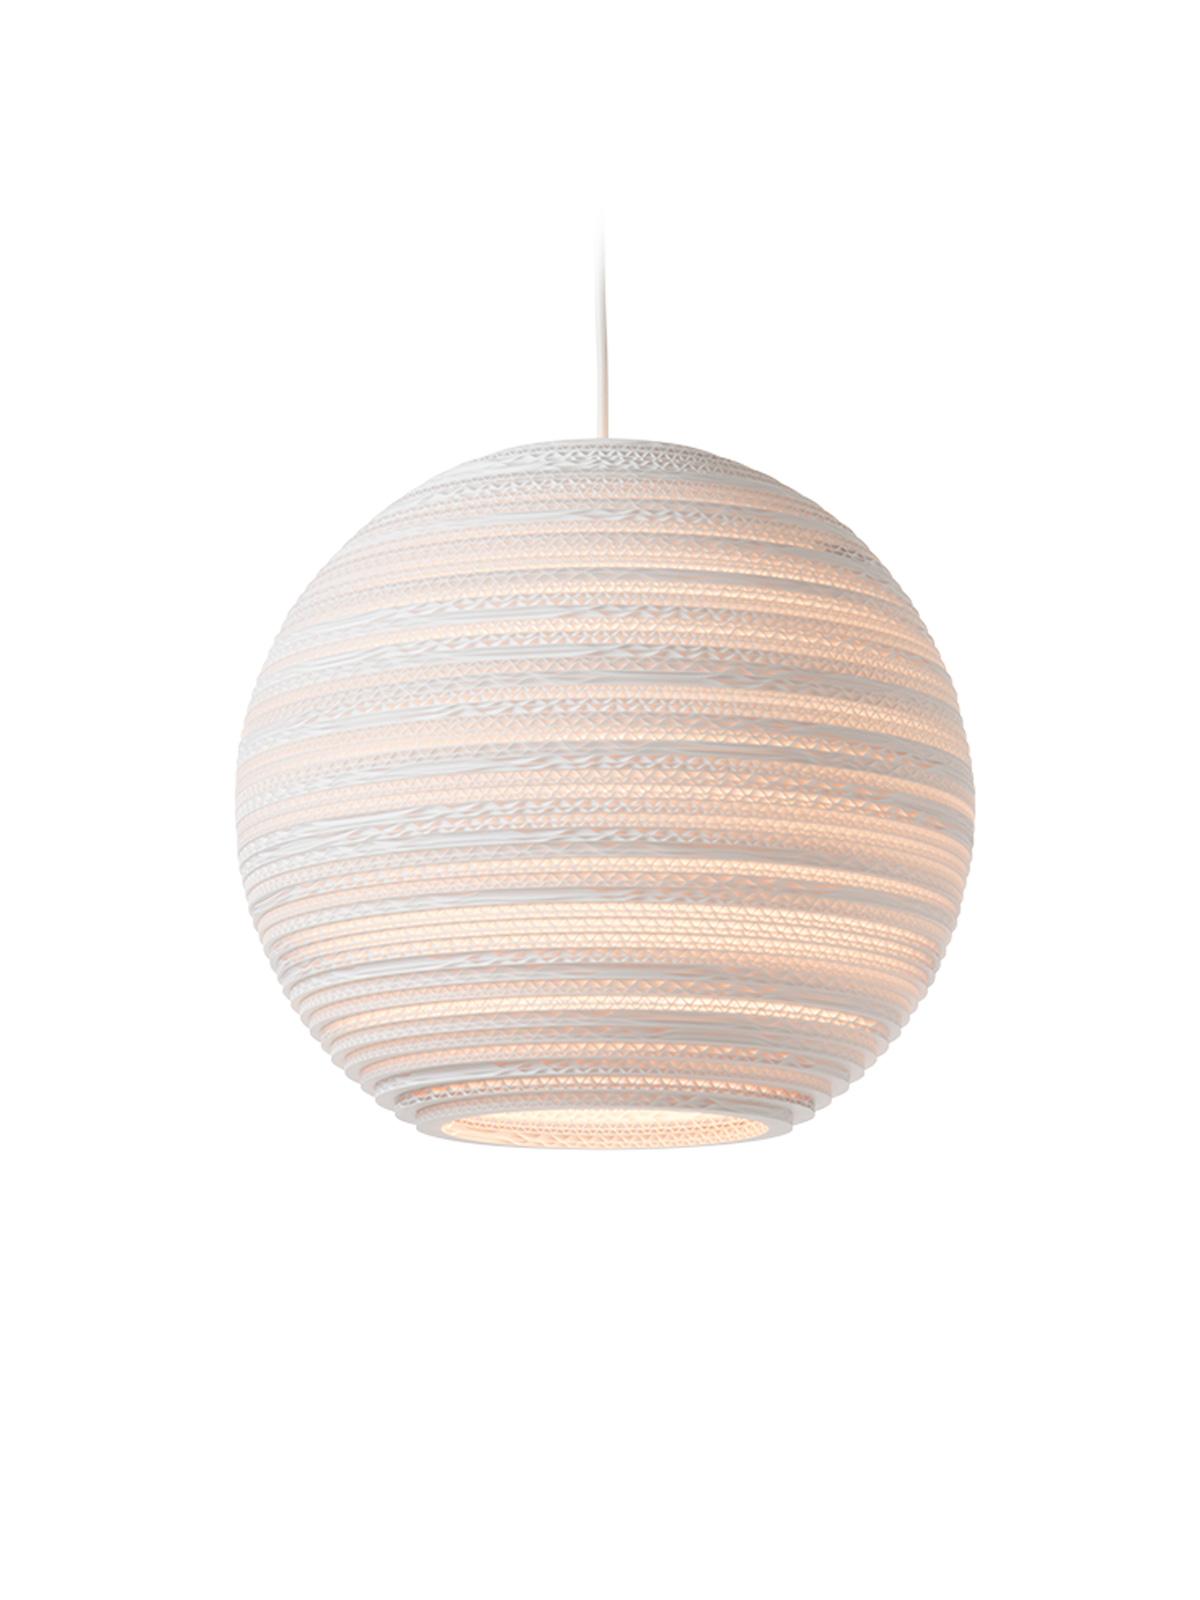 Pendelleuchten von Graypants Moon Scraplights white